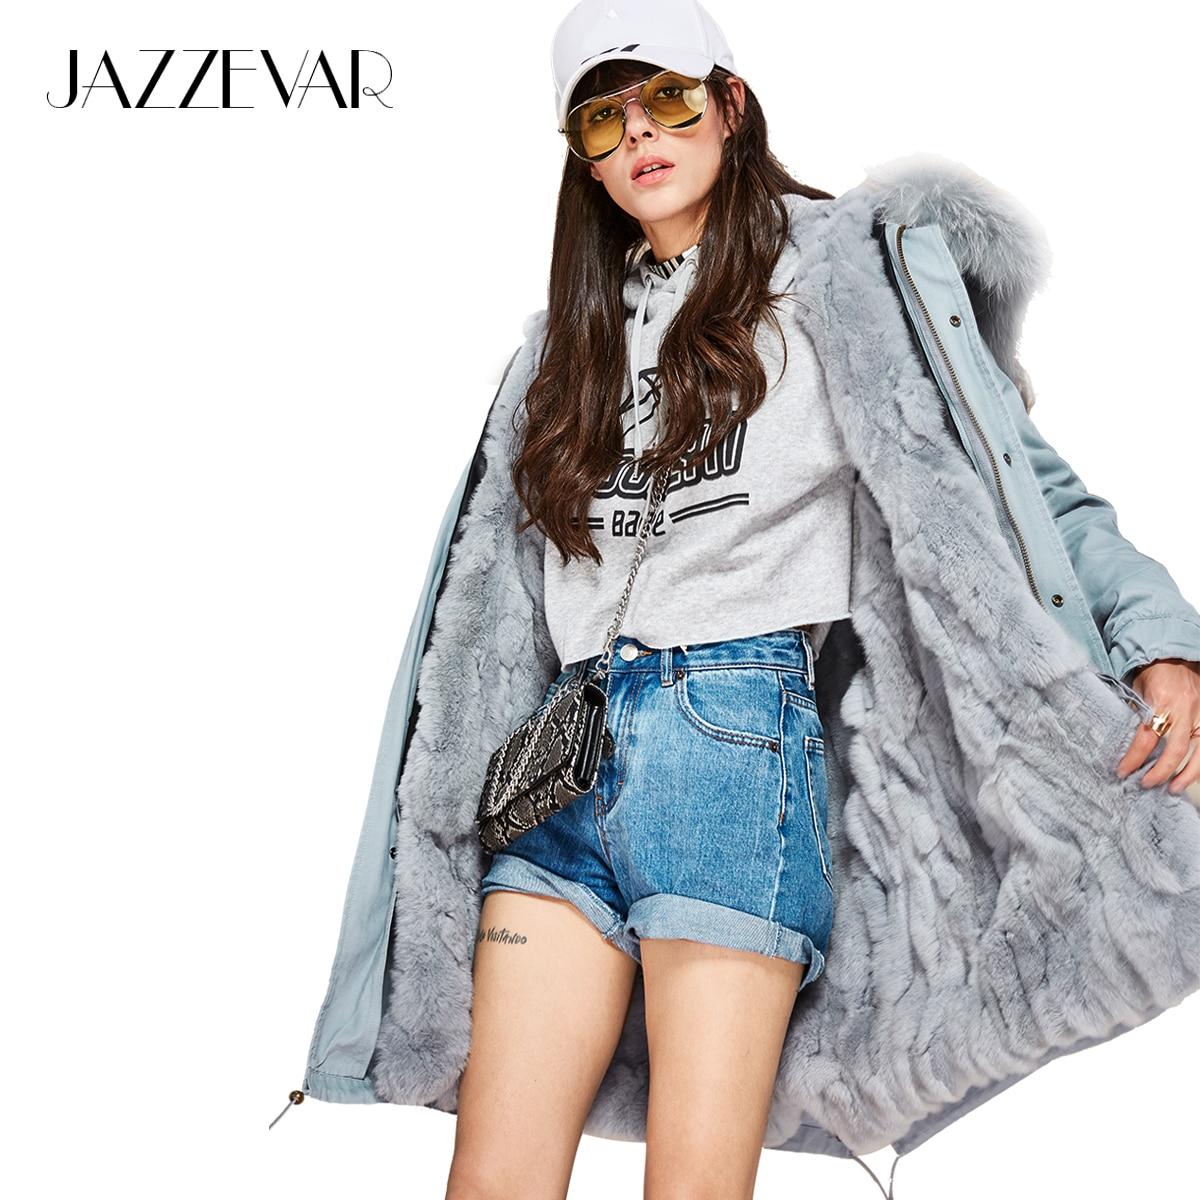 JAZZEVAR 2019 新女性大アライグマの毛皮の襟パーカーミディフード付きミリタリーコート生き抜くウサギの毛皮裏地冬ジャケット  グループ上の レディース衣服 からの パーカー の中 1